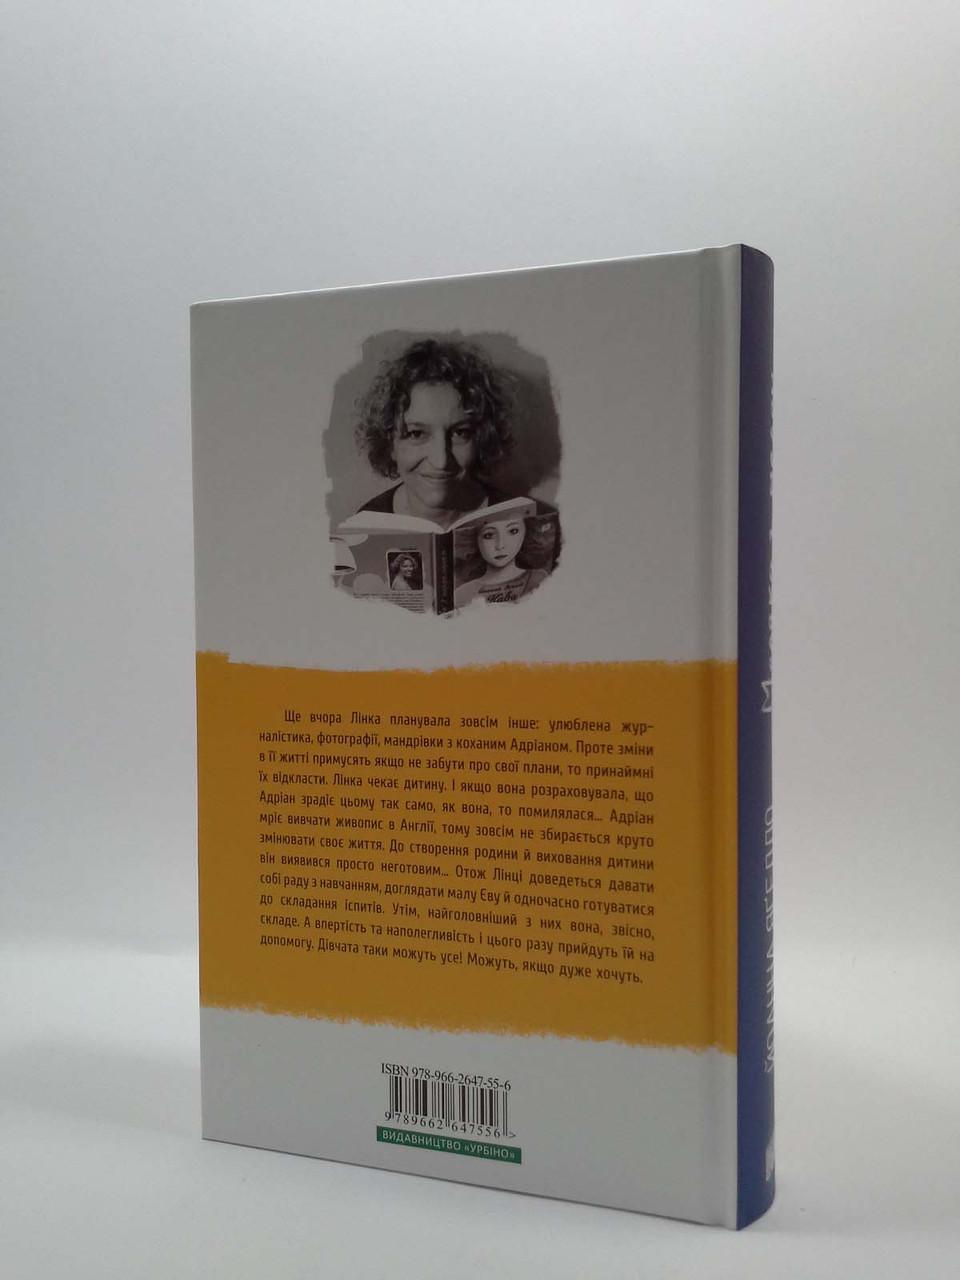 Урбіно Ягелло Книга 4 Молоко з медом - фото 2